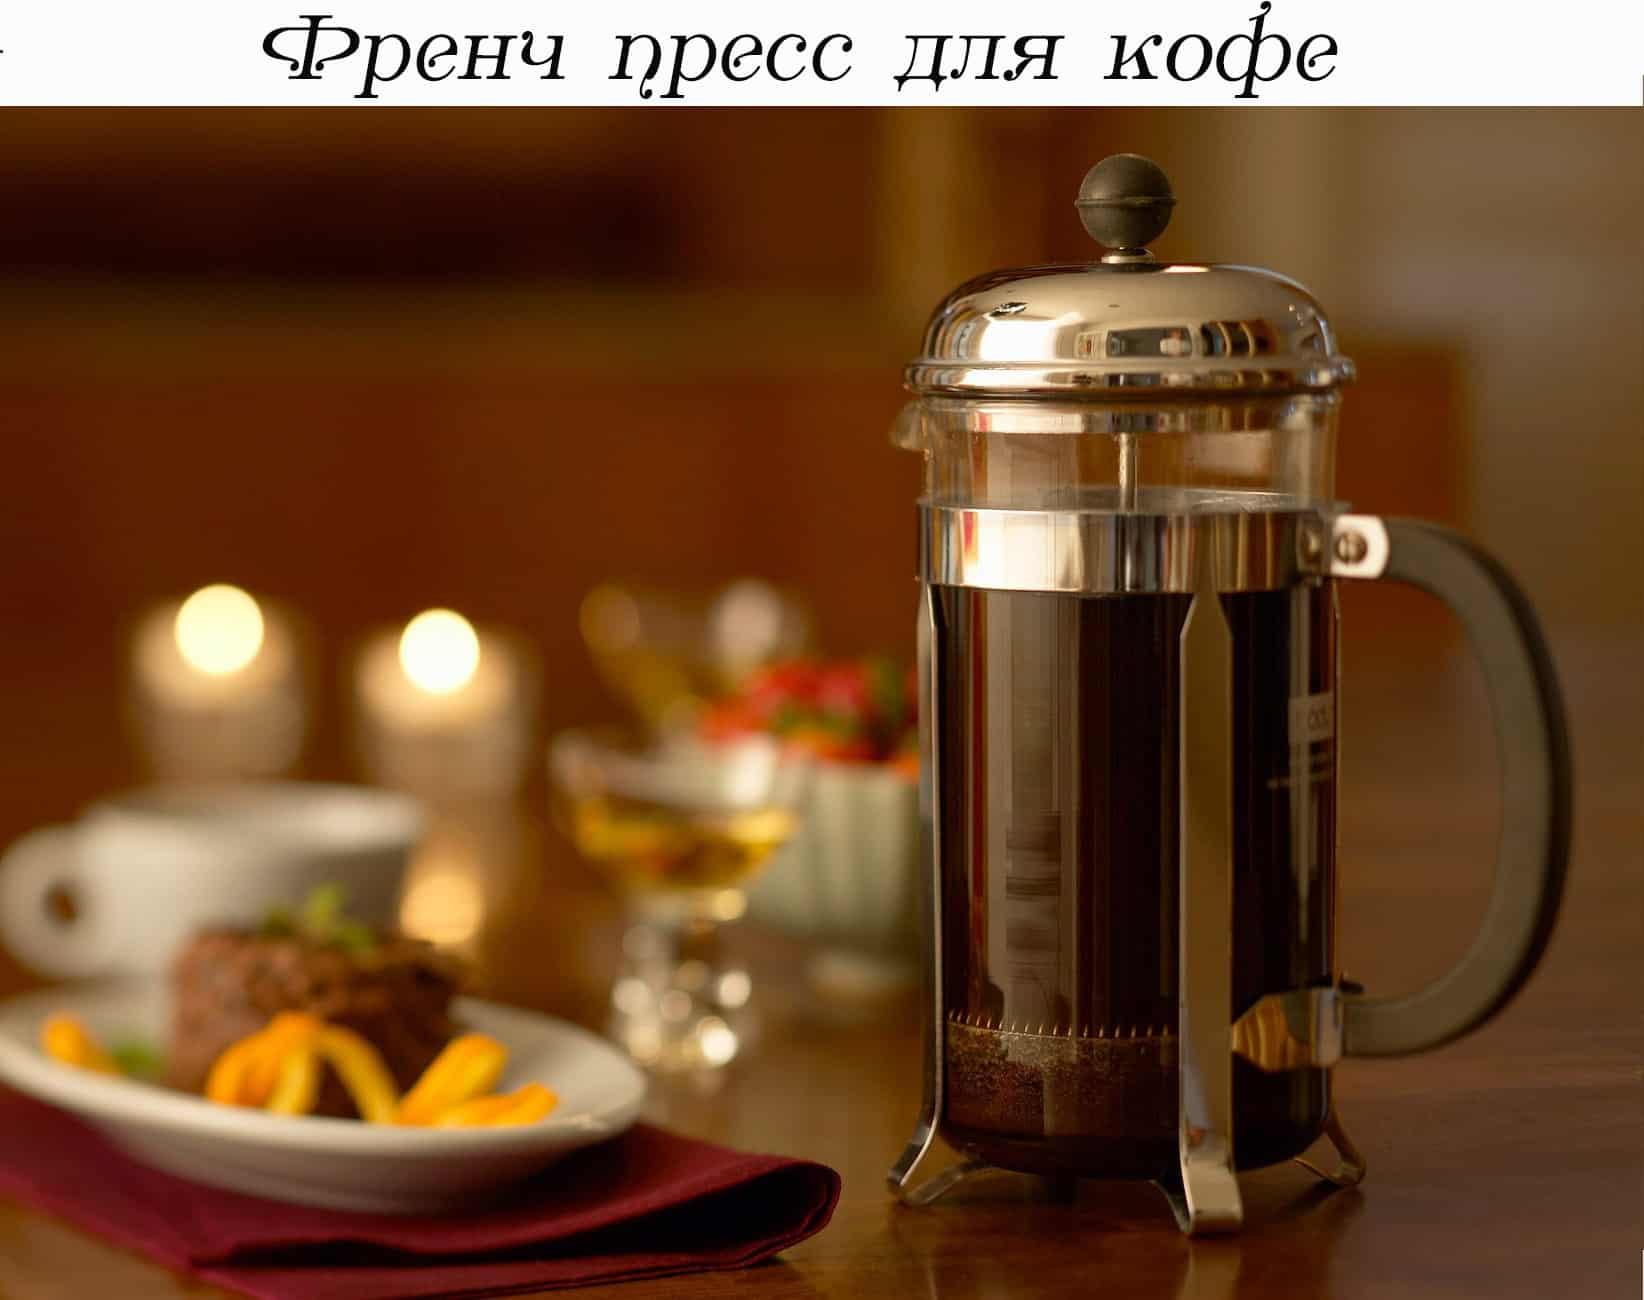 Френч-пресс для кофе, как им правильно пользоваться, рецепты приготовления